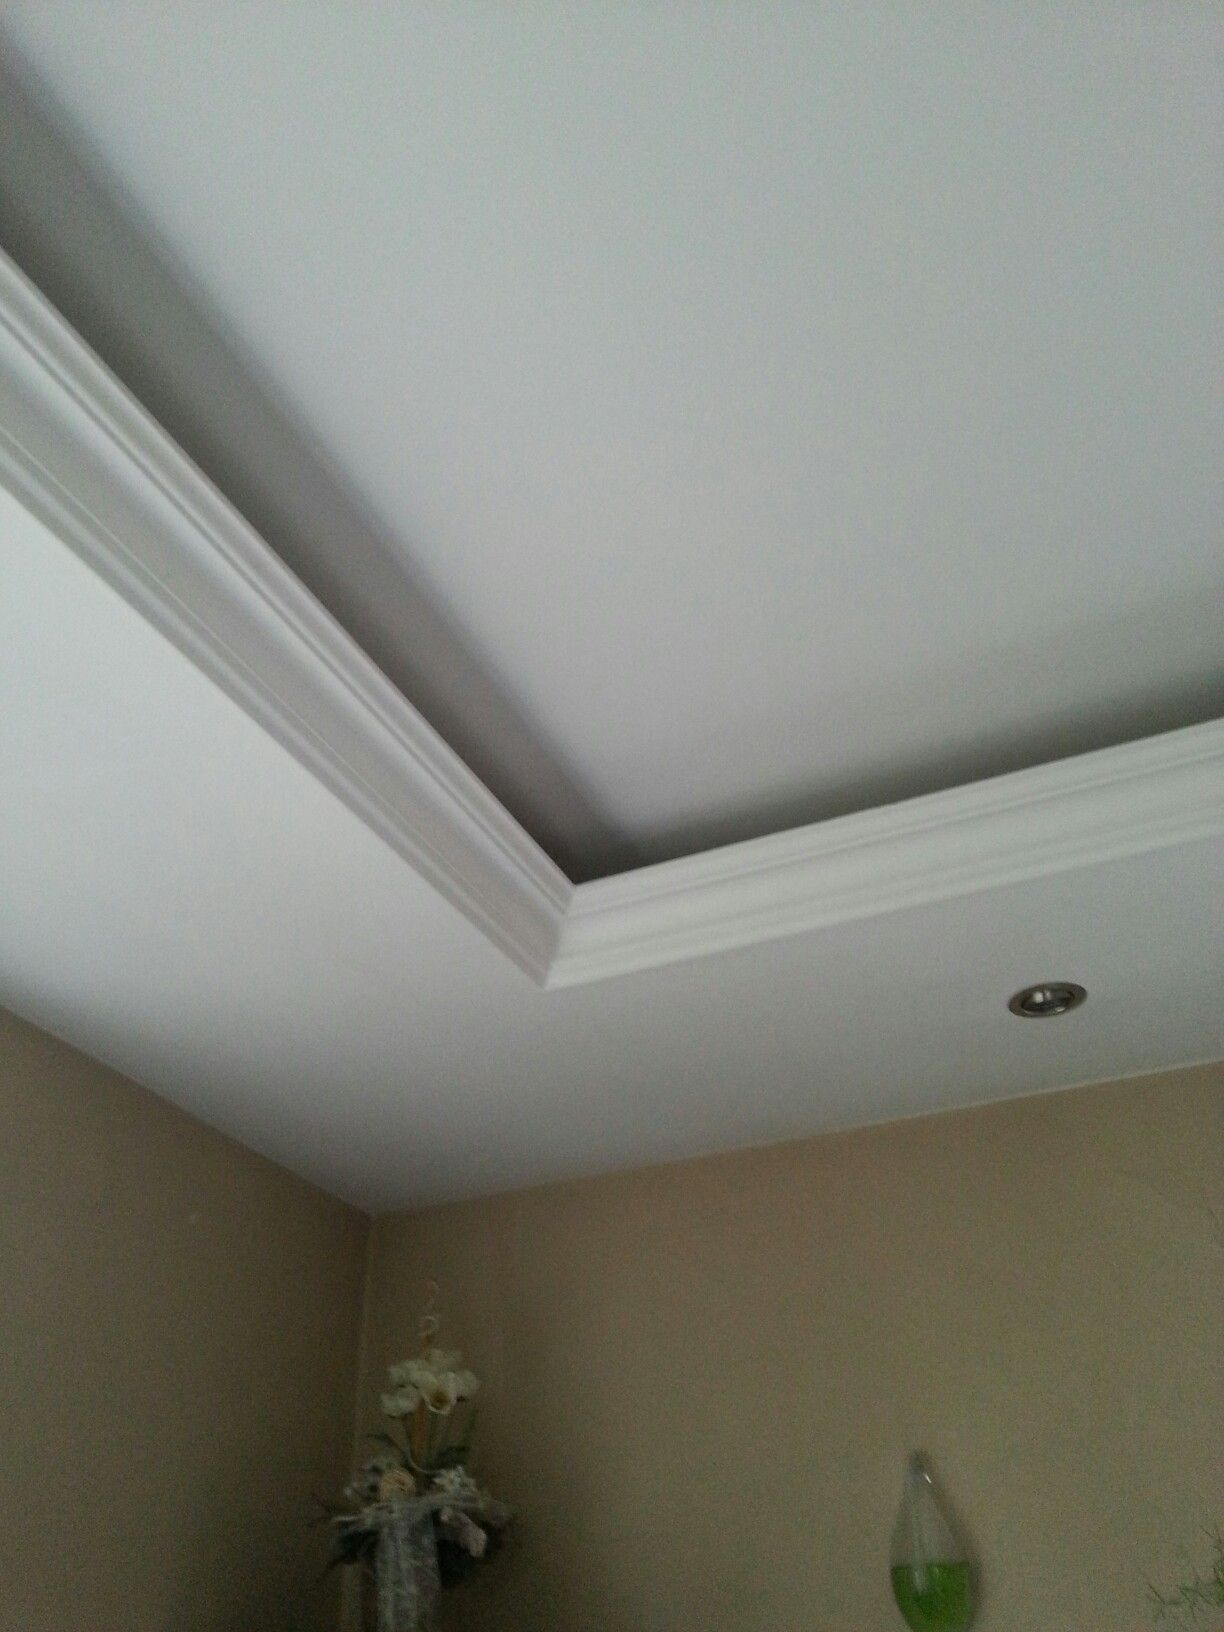 Abgehangte Decke Mit Indirekter Beleuchtung Und Strahlern Wohnzimmer Und Flure In 2020 Beleuchtung Wohnzimmer Decke